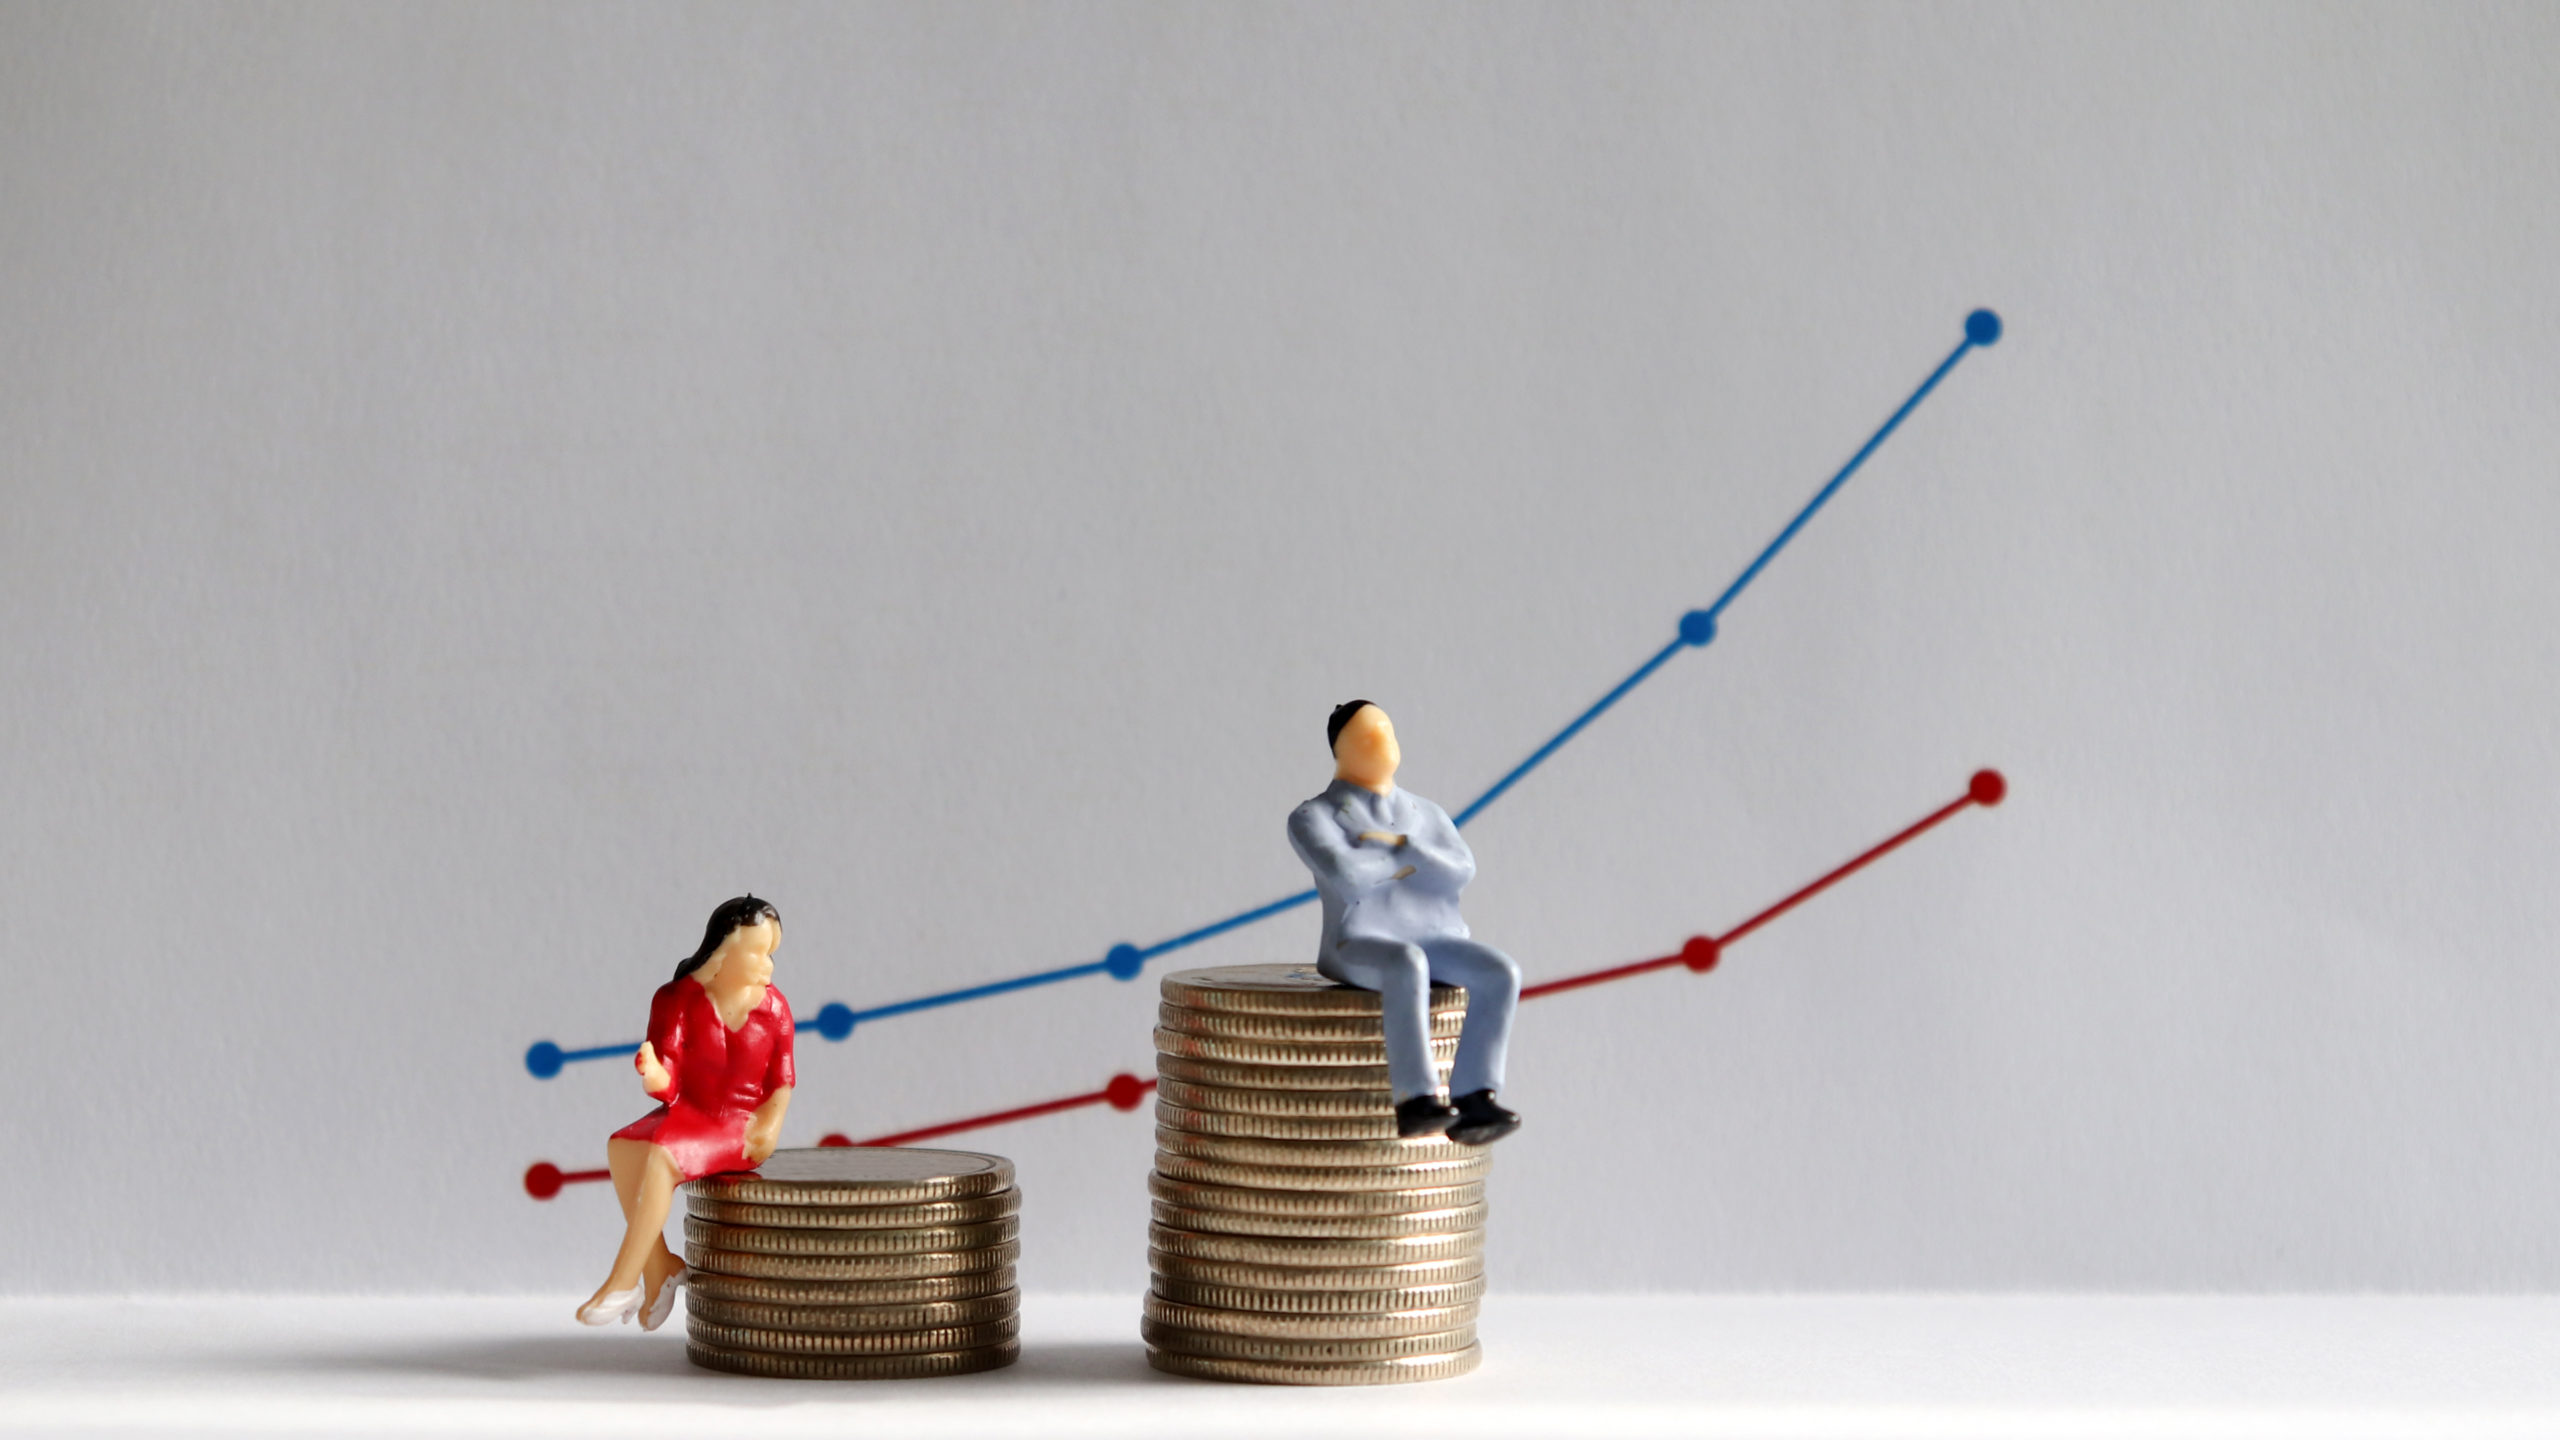 Women directors paid 73% less than men